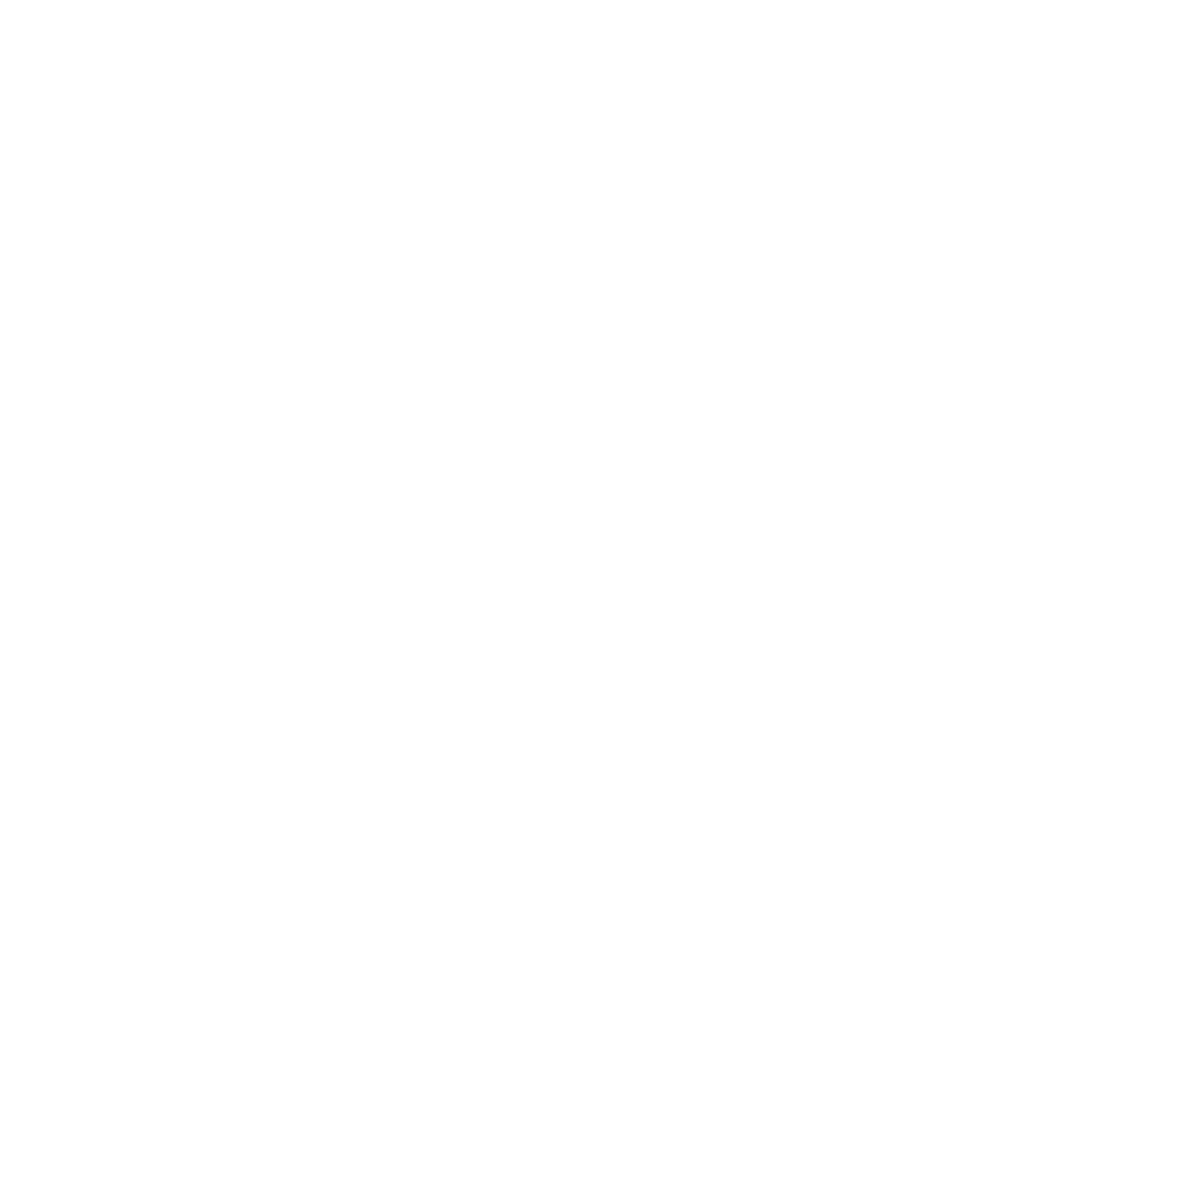 Prix Feuille Stratifié Formica stratifié colorcore white cc0949 mat matte 58 305x130cm 1mm